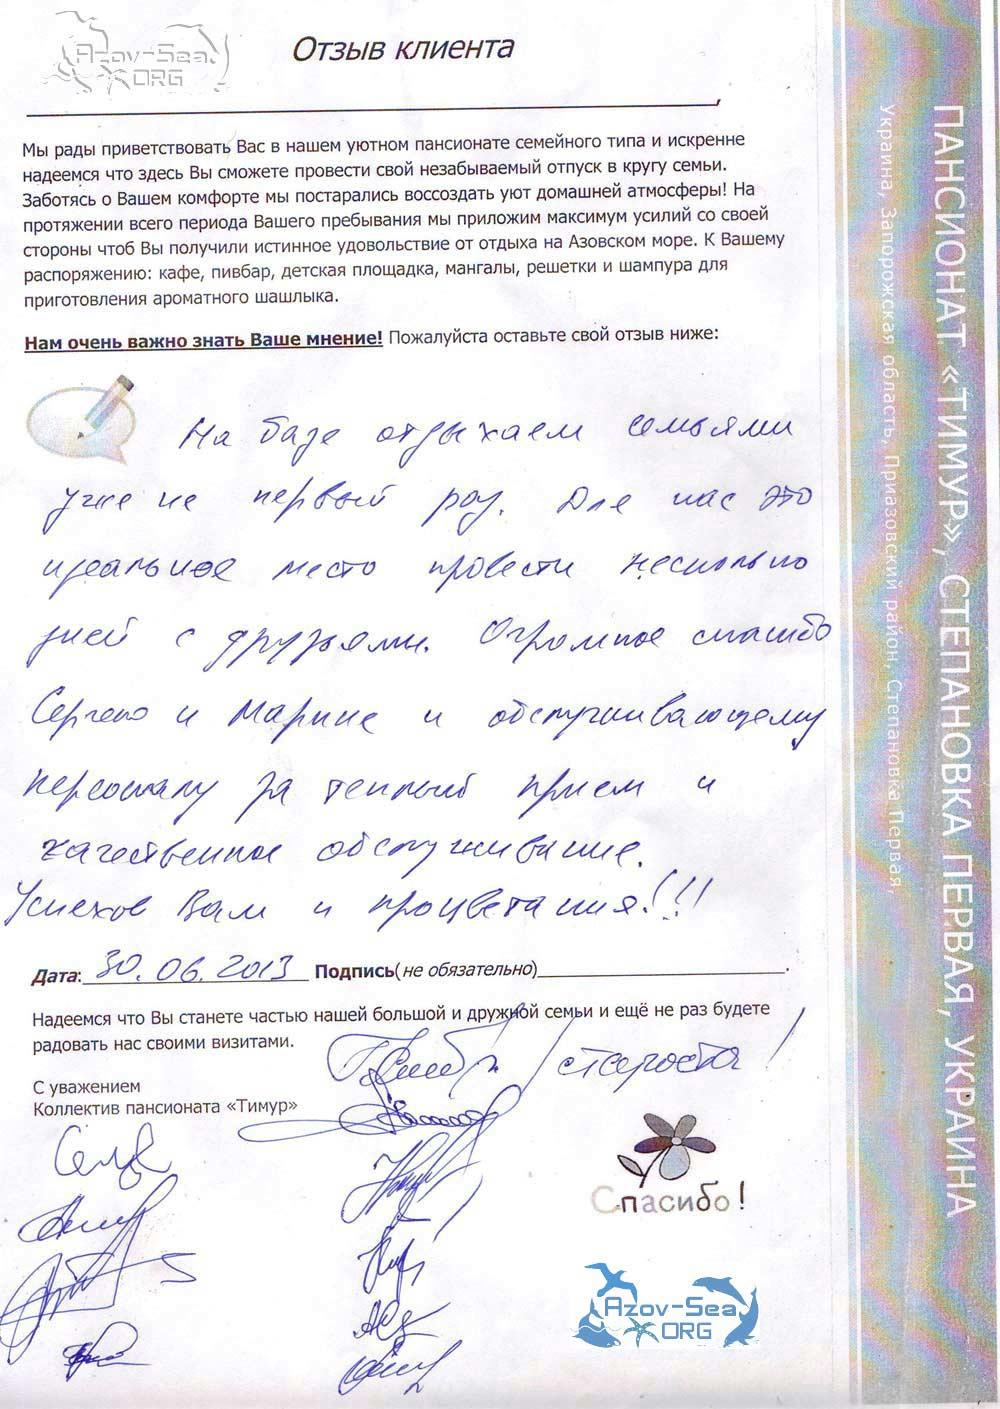 Пансионат Тимур - Отзывы - Степановка Первая - Азовское Море